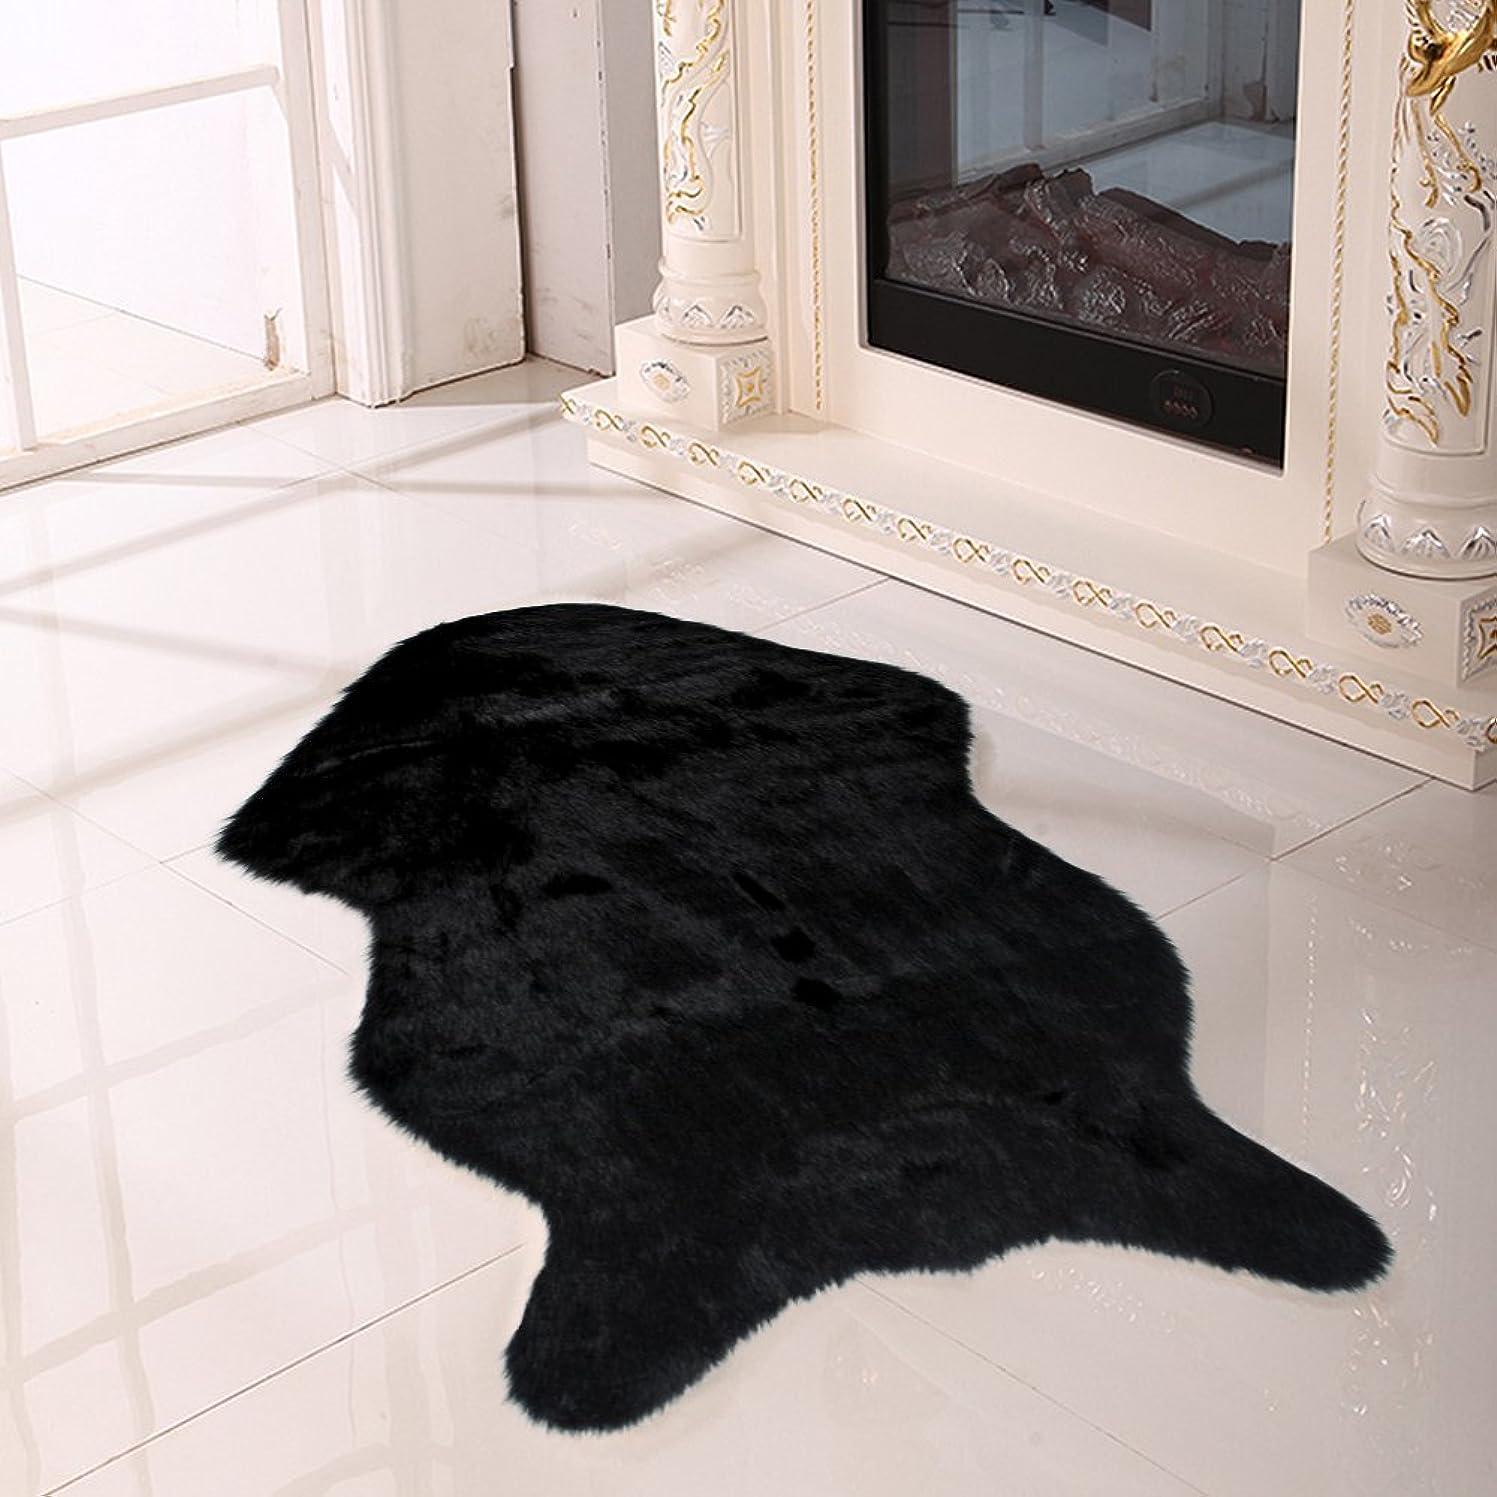 反響する体均等にyazi-羊毛ムートンフリース ウールラグ フェイクシープスキンラグ ふんわり柔らかい 大判ラグマット シートマット ブラック